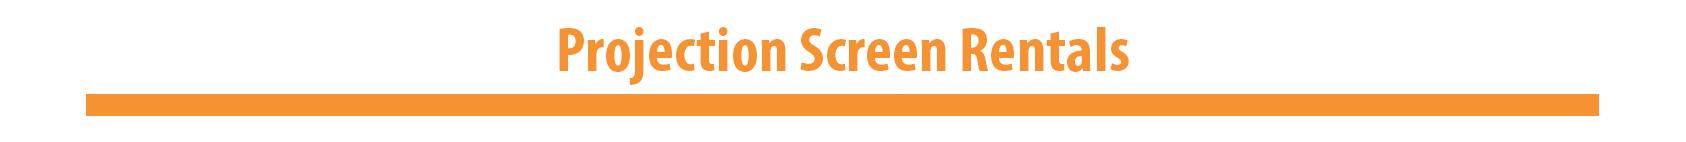 ScreenRentals (1)